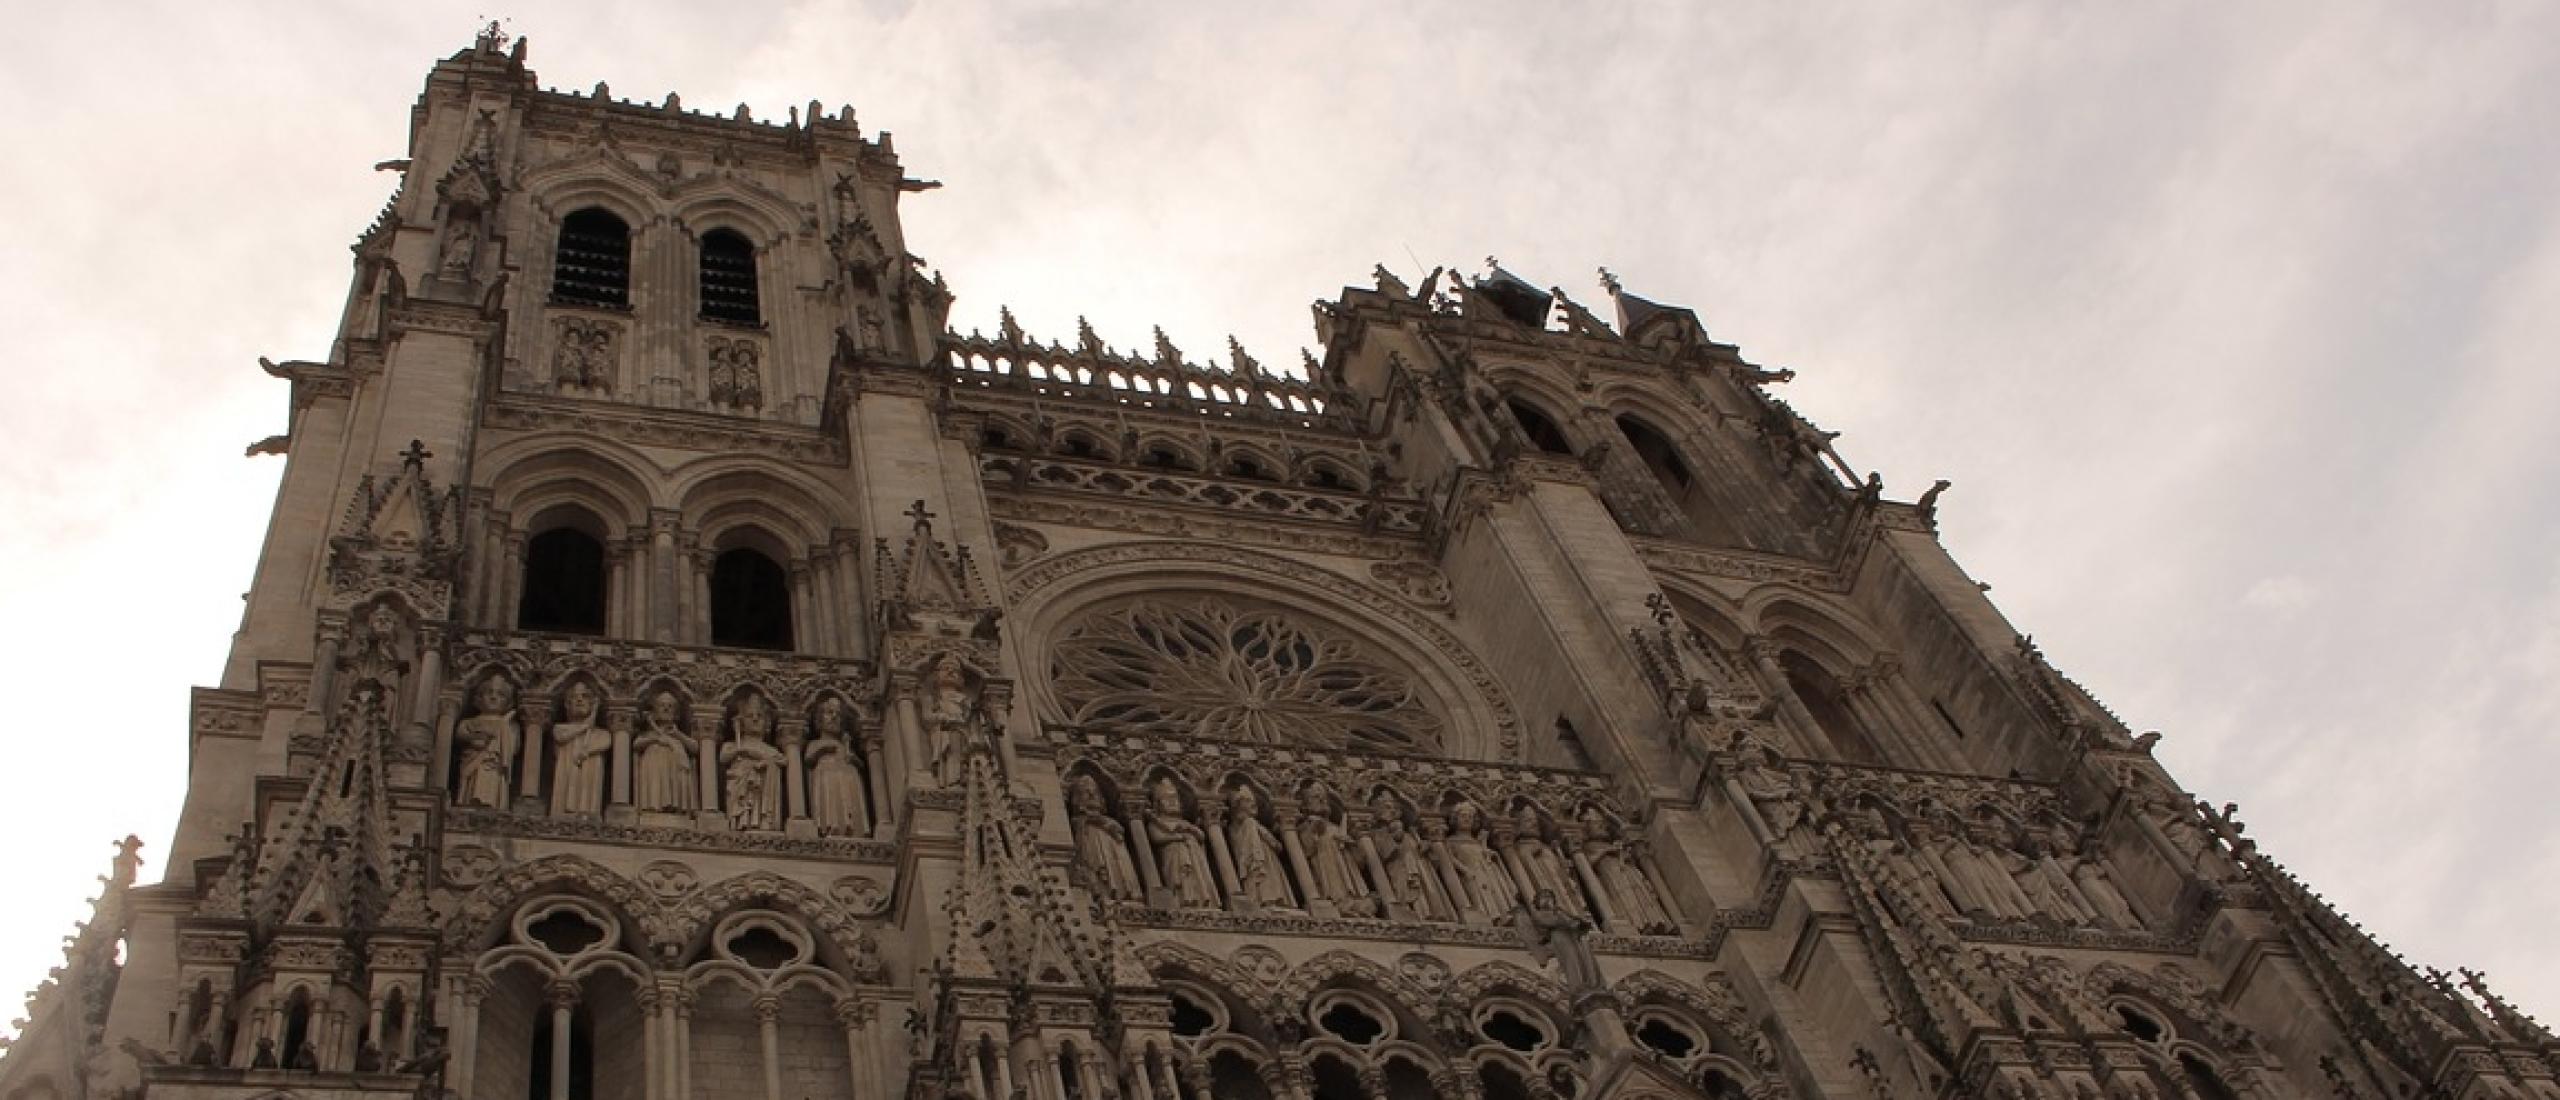 Amiens, de stad van Jules Verne